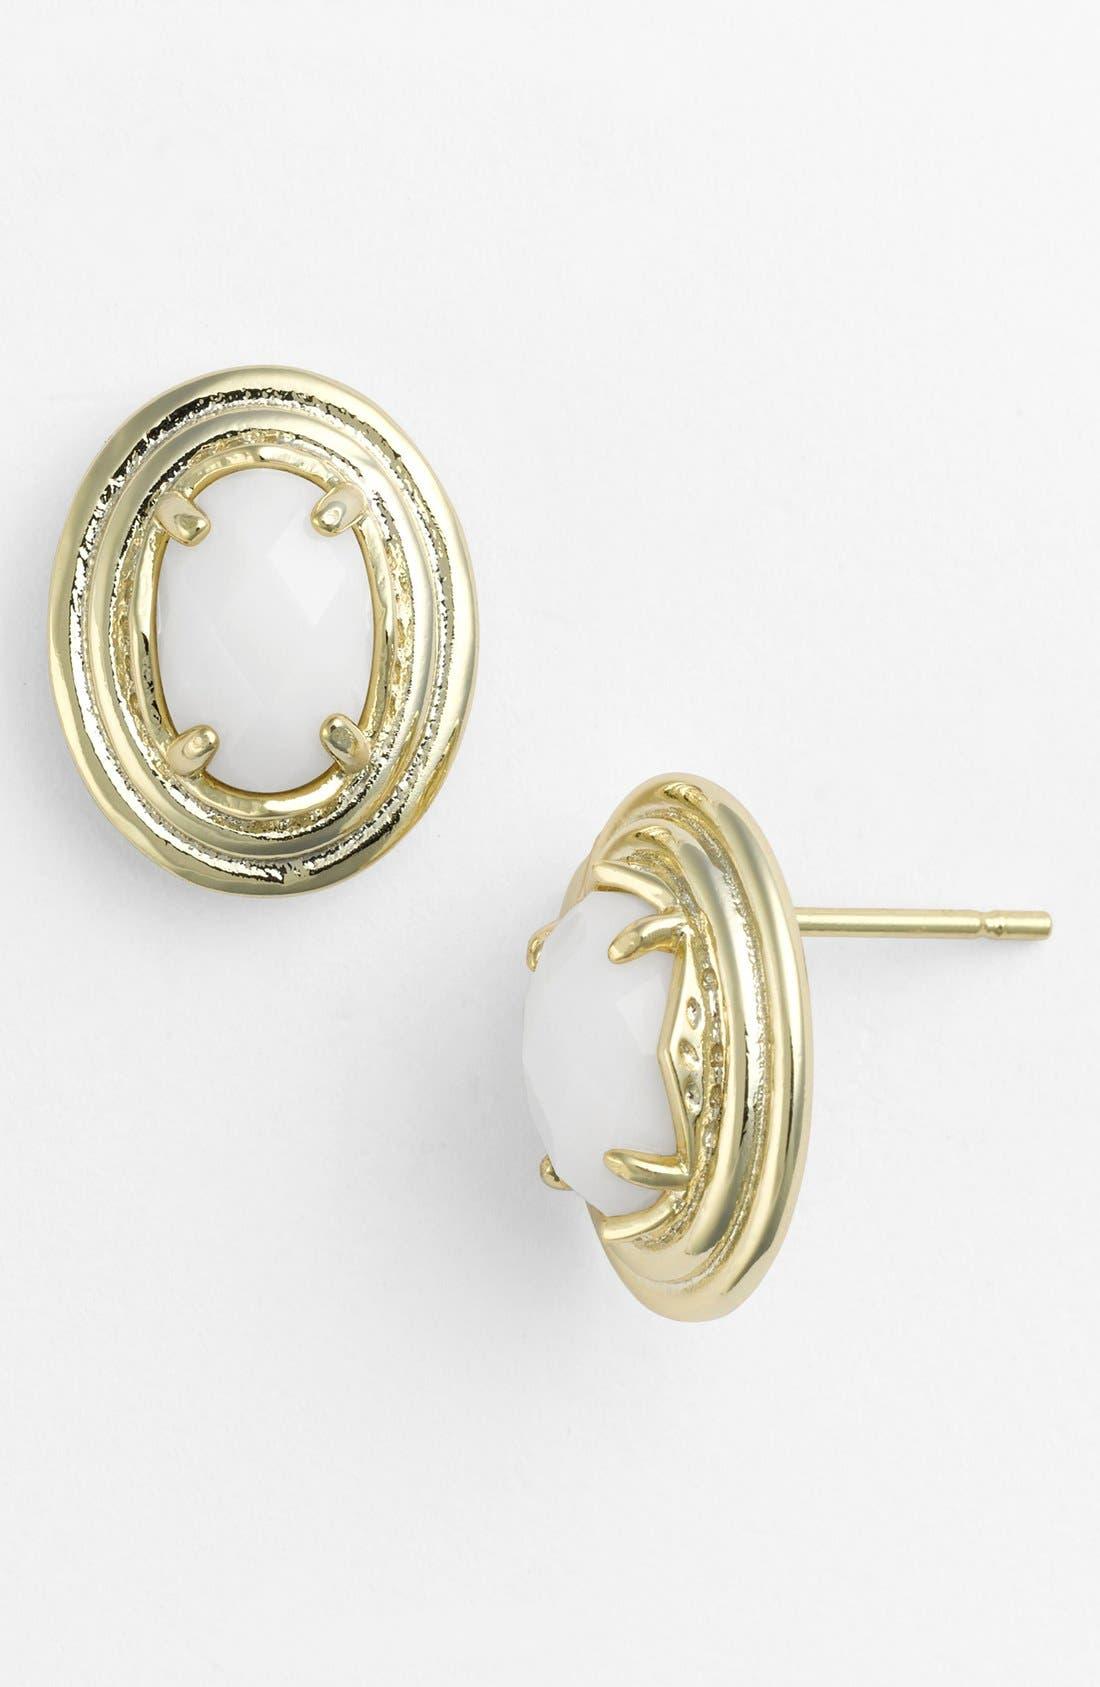 Main Image - Kendra Scott 'Yurko' Oval Stud Earrings